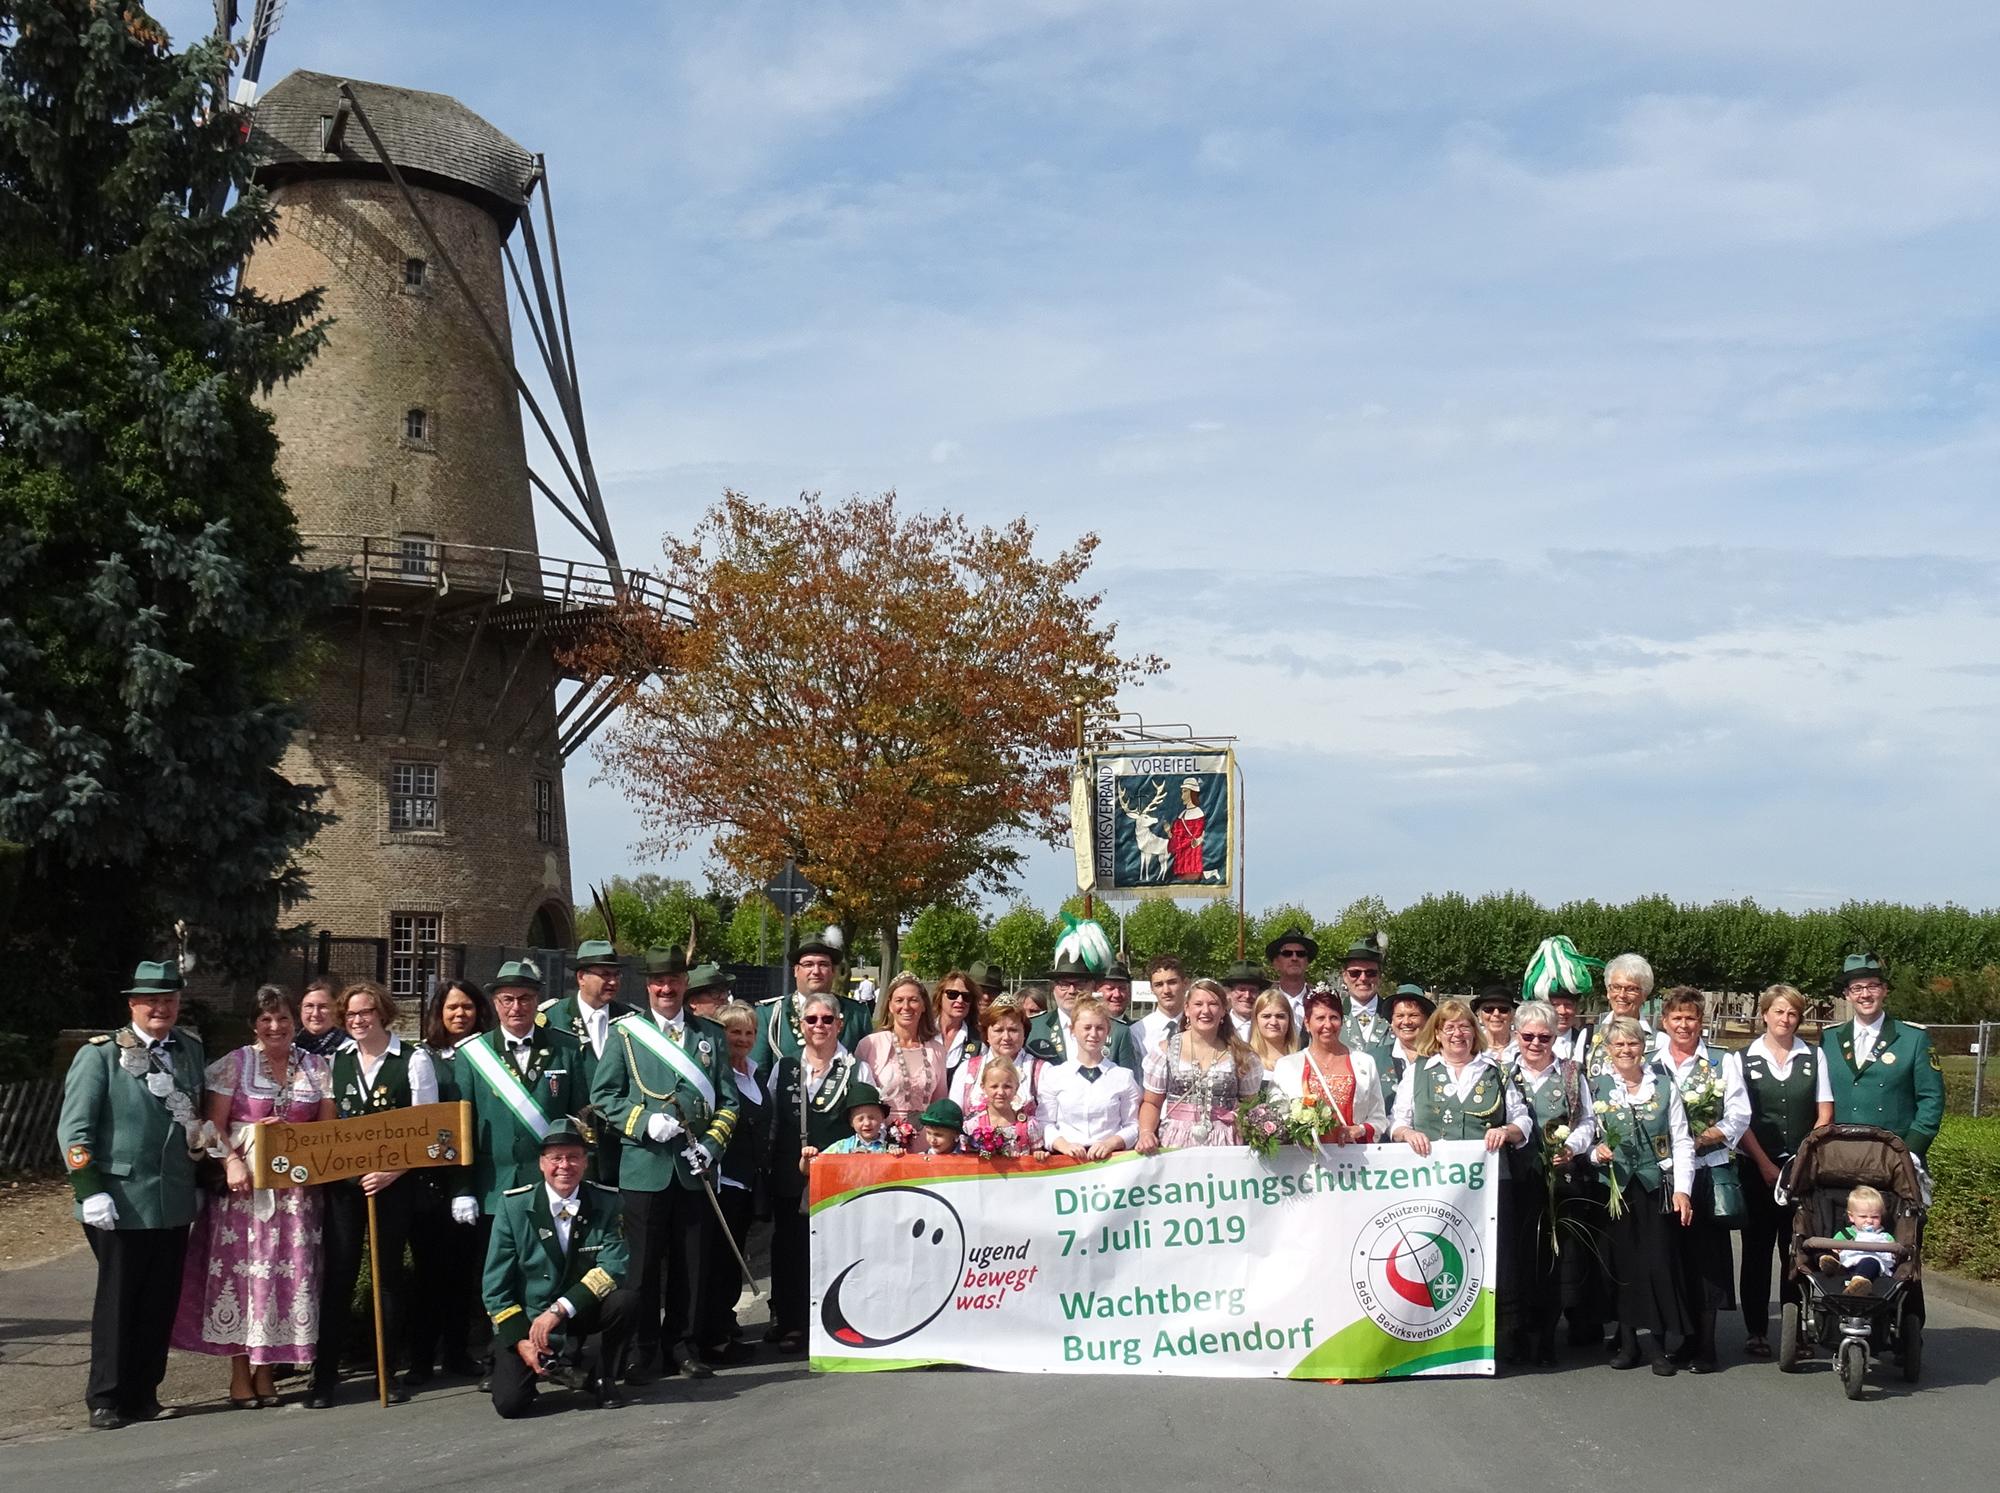 Gruppenfoto nach dem Festzug in Xanten (Foto Walter Honerbach)